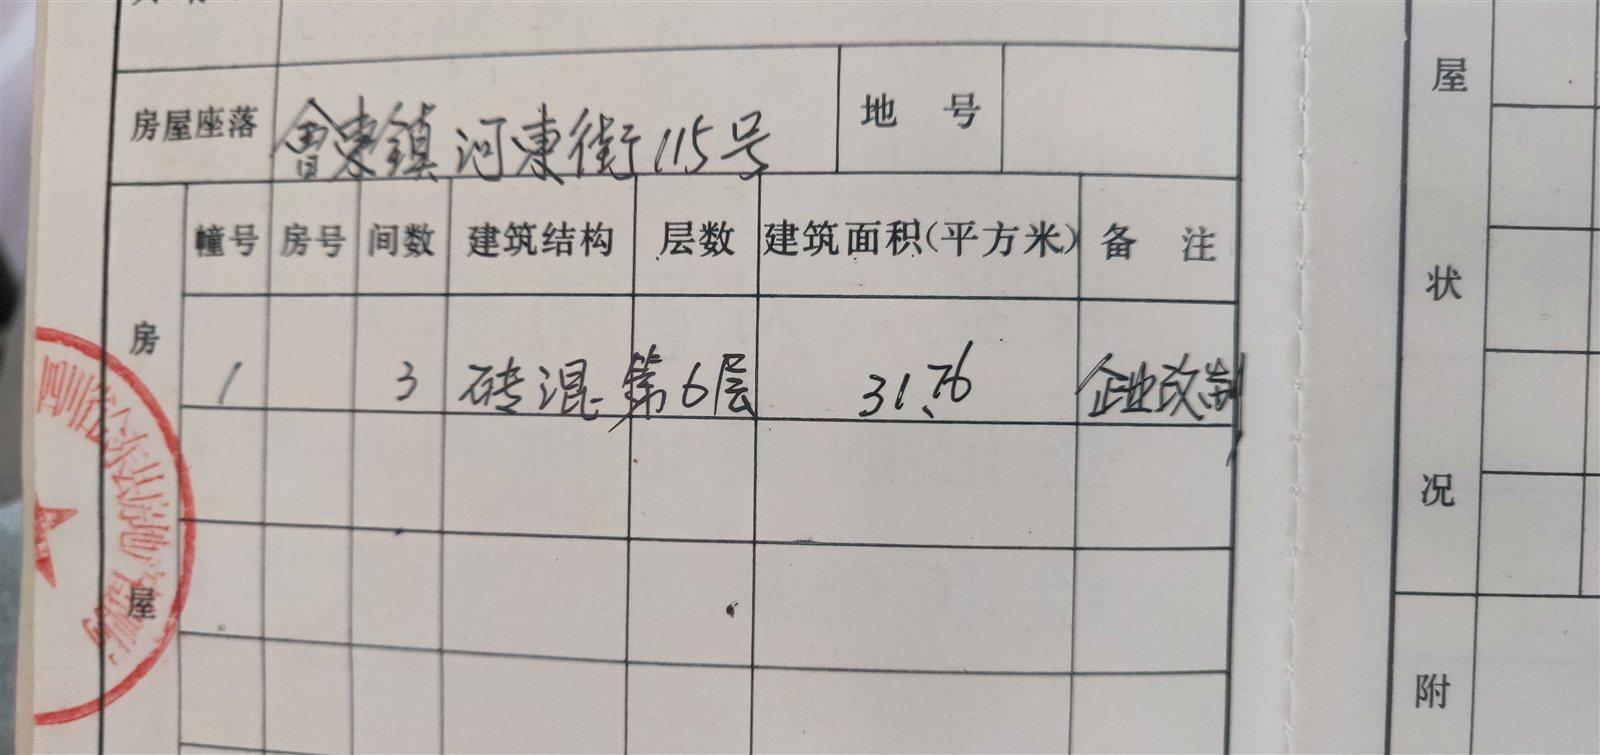 原丝厂宿舍院内1室 1厅 1卫12.88万元